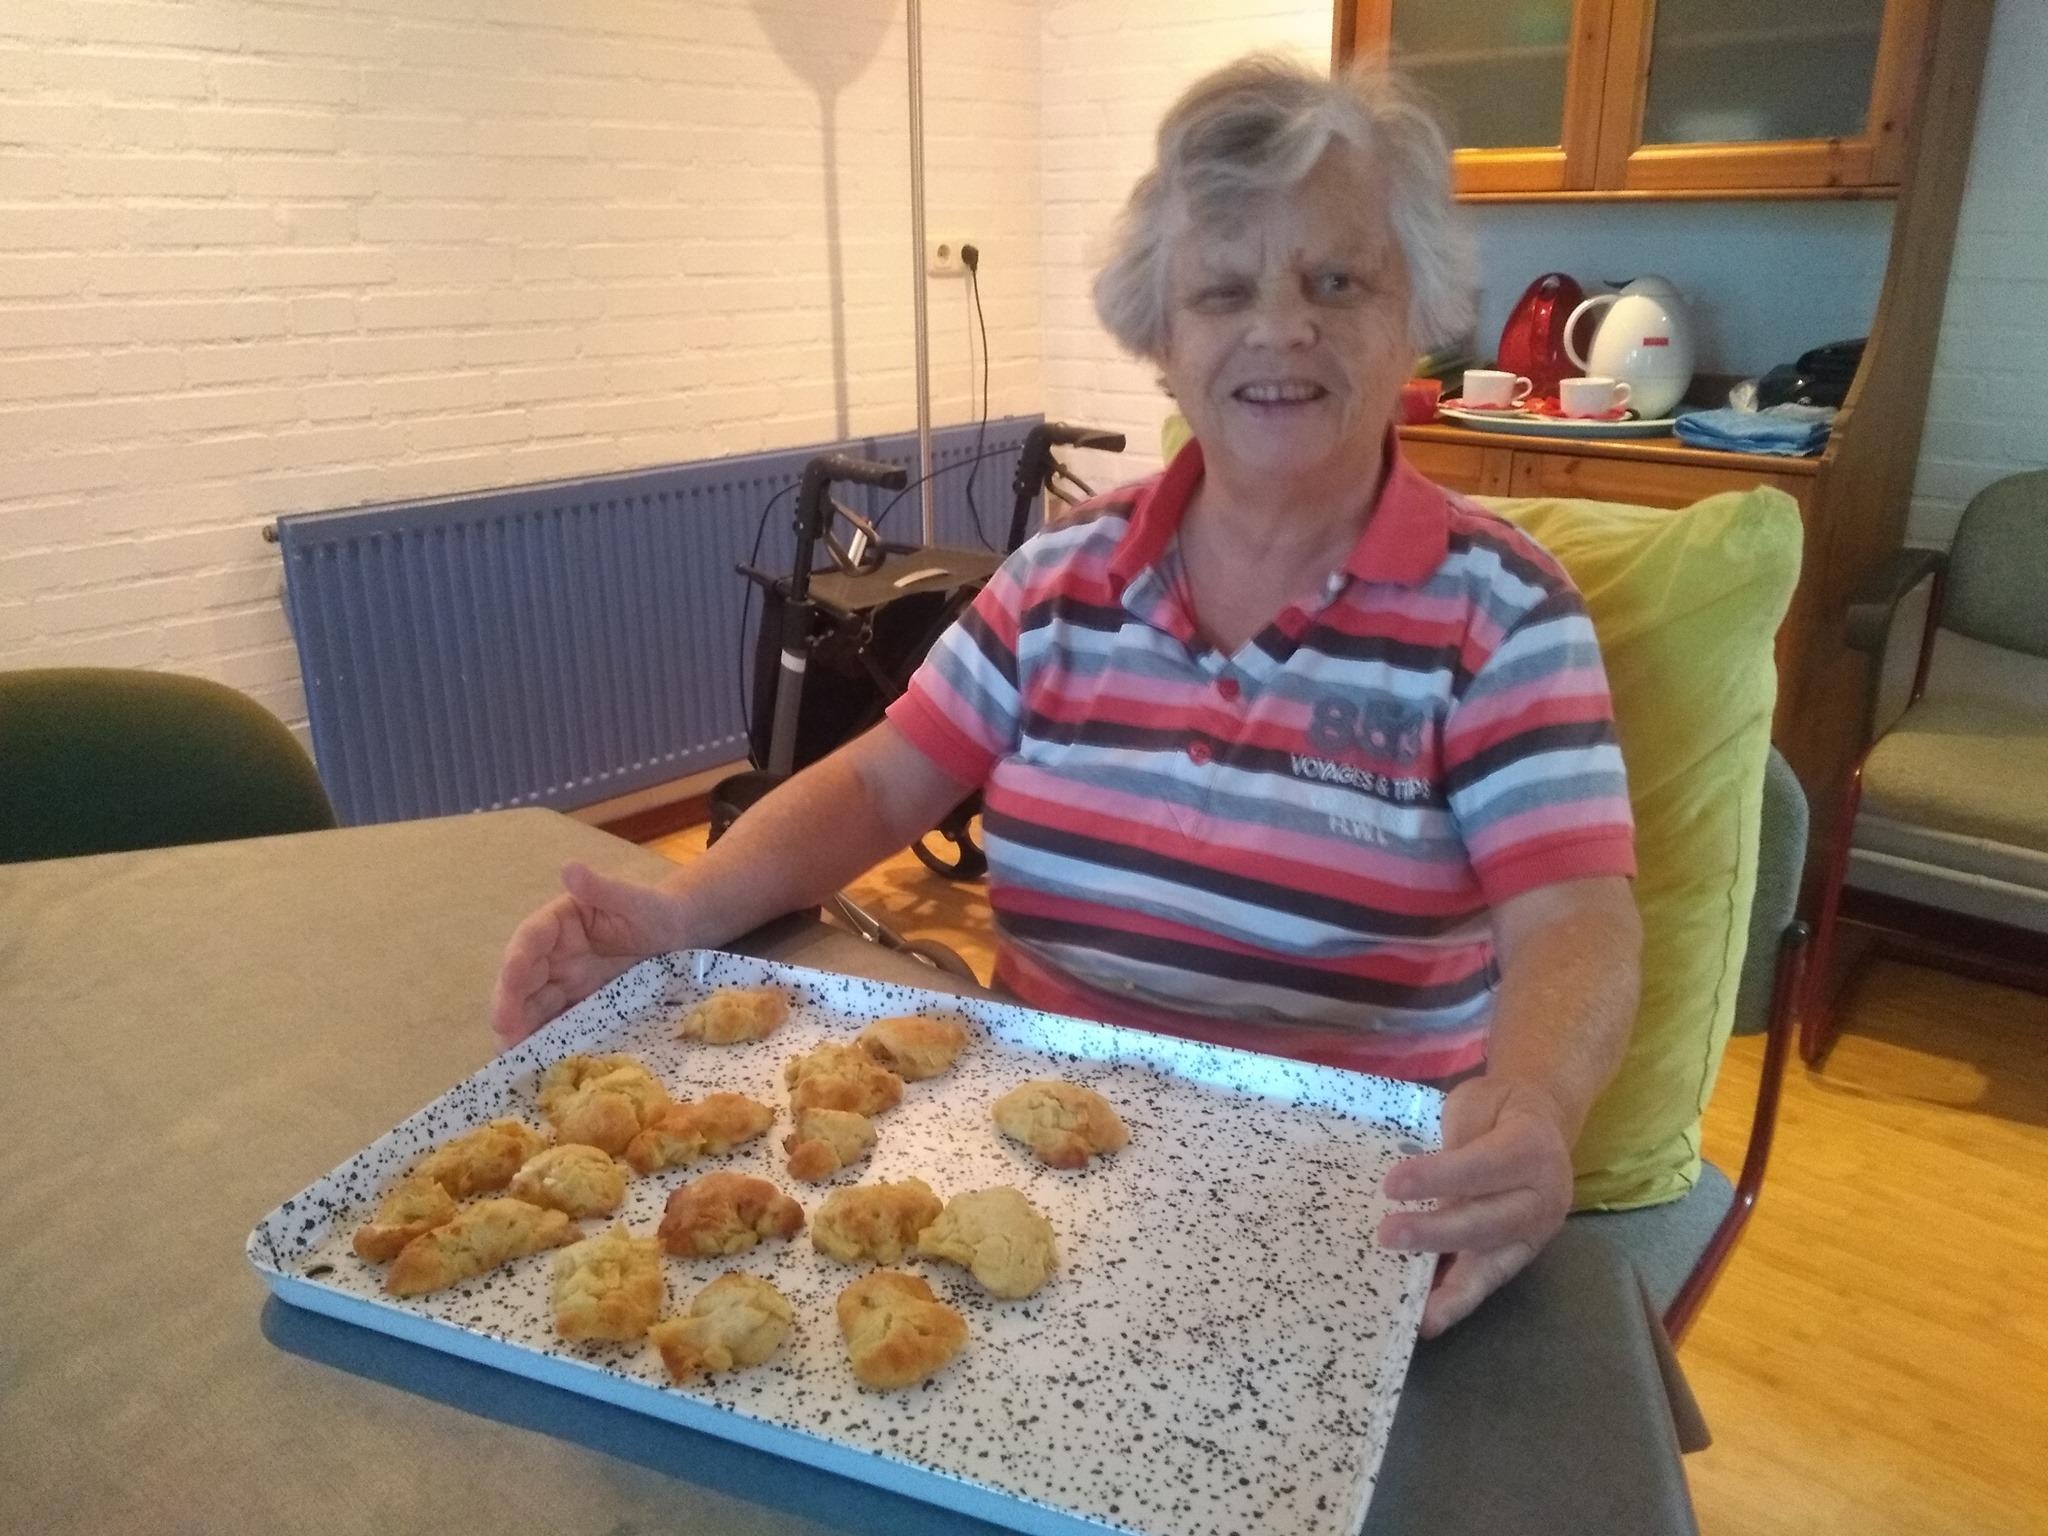 De koekjes zijn klaar om de oven in te gaan